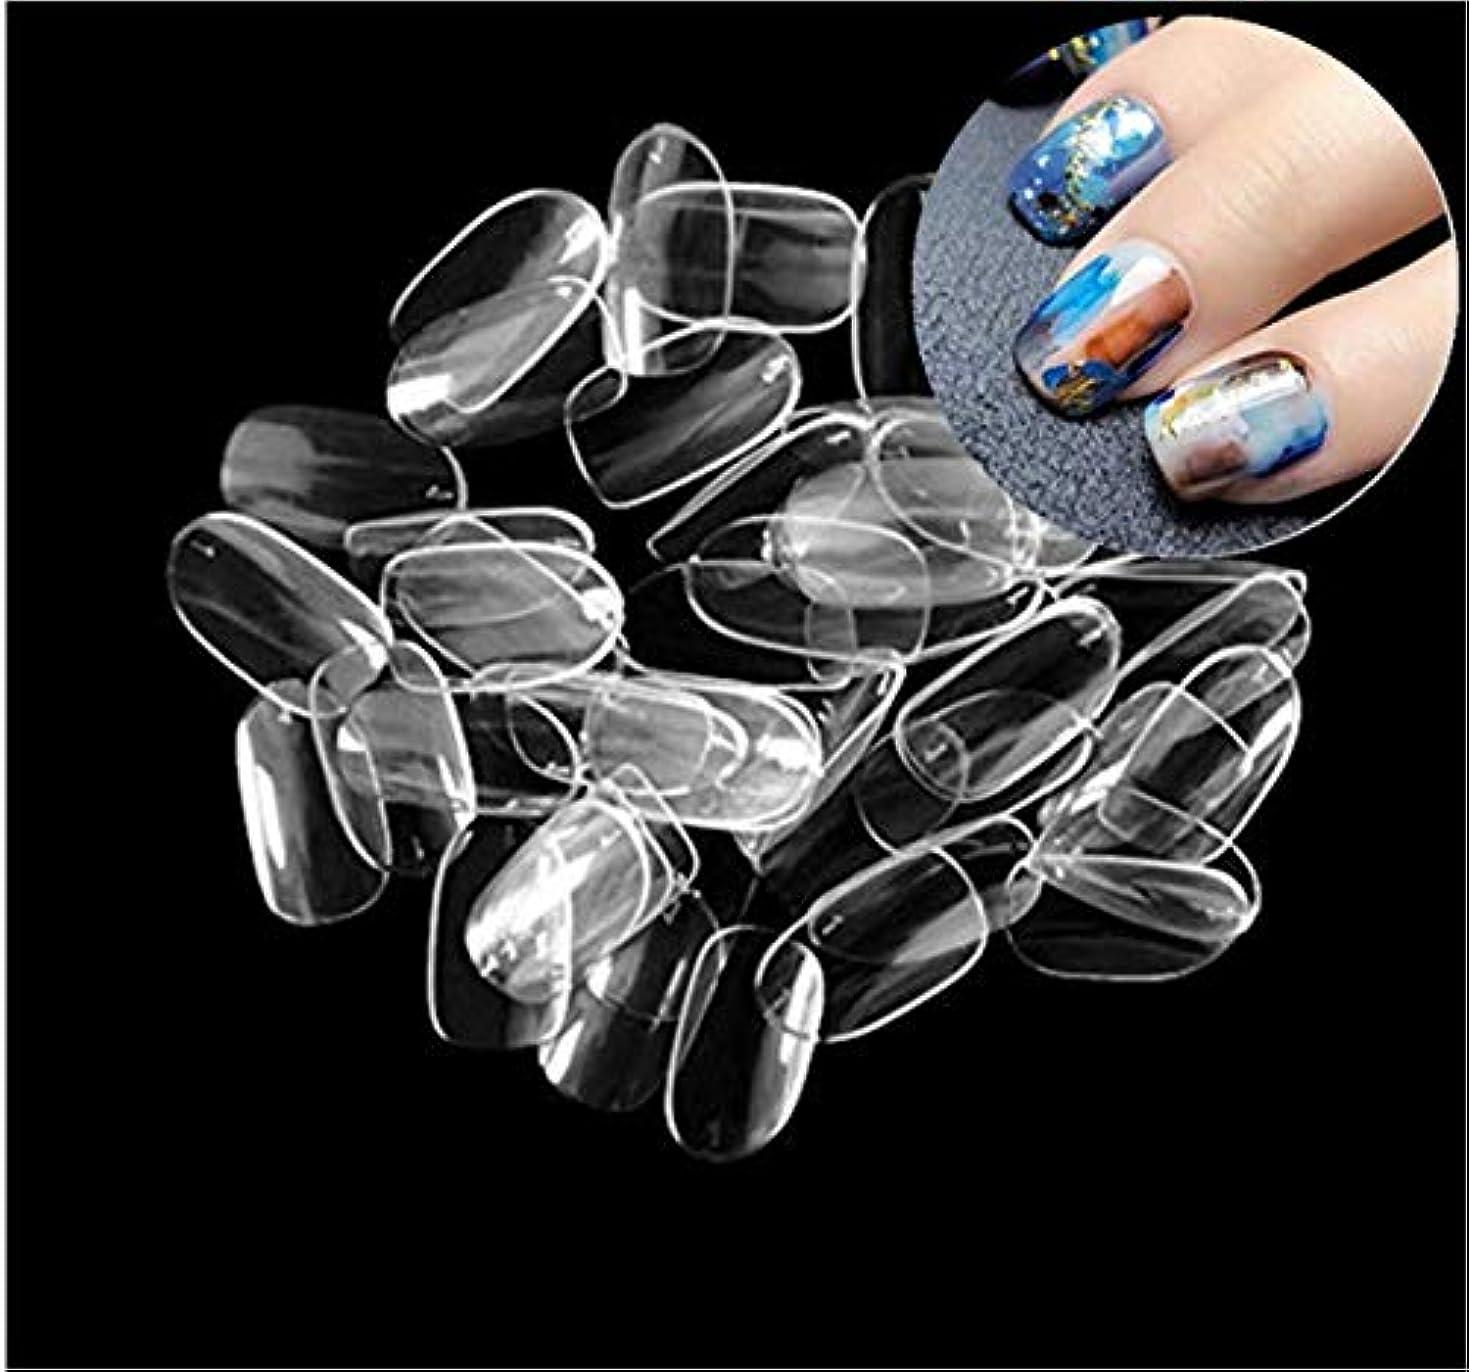 累計寄付指標ネイルチップ つけ爪 ネイル用品 10種のサイズ ネイル飾り デコレーション 無地 付け爪 オーバルフルカバー DIYネイル 500枚入り透明